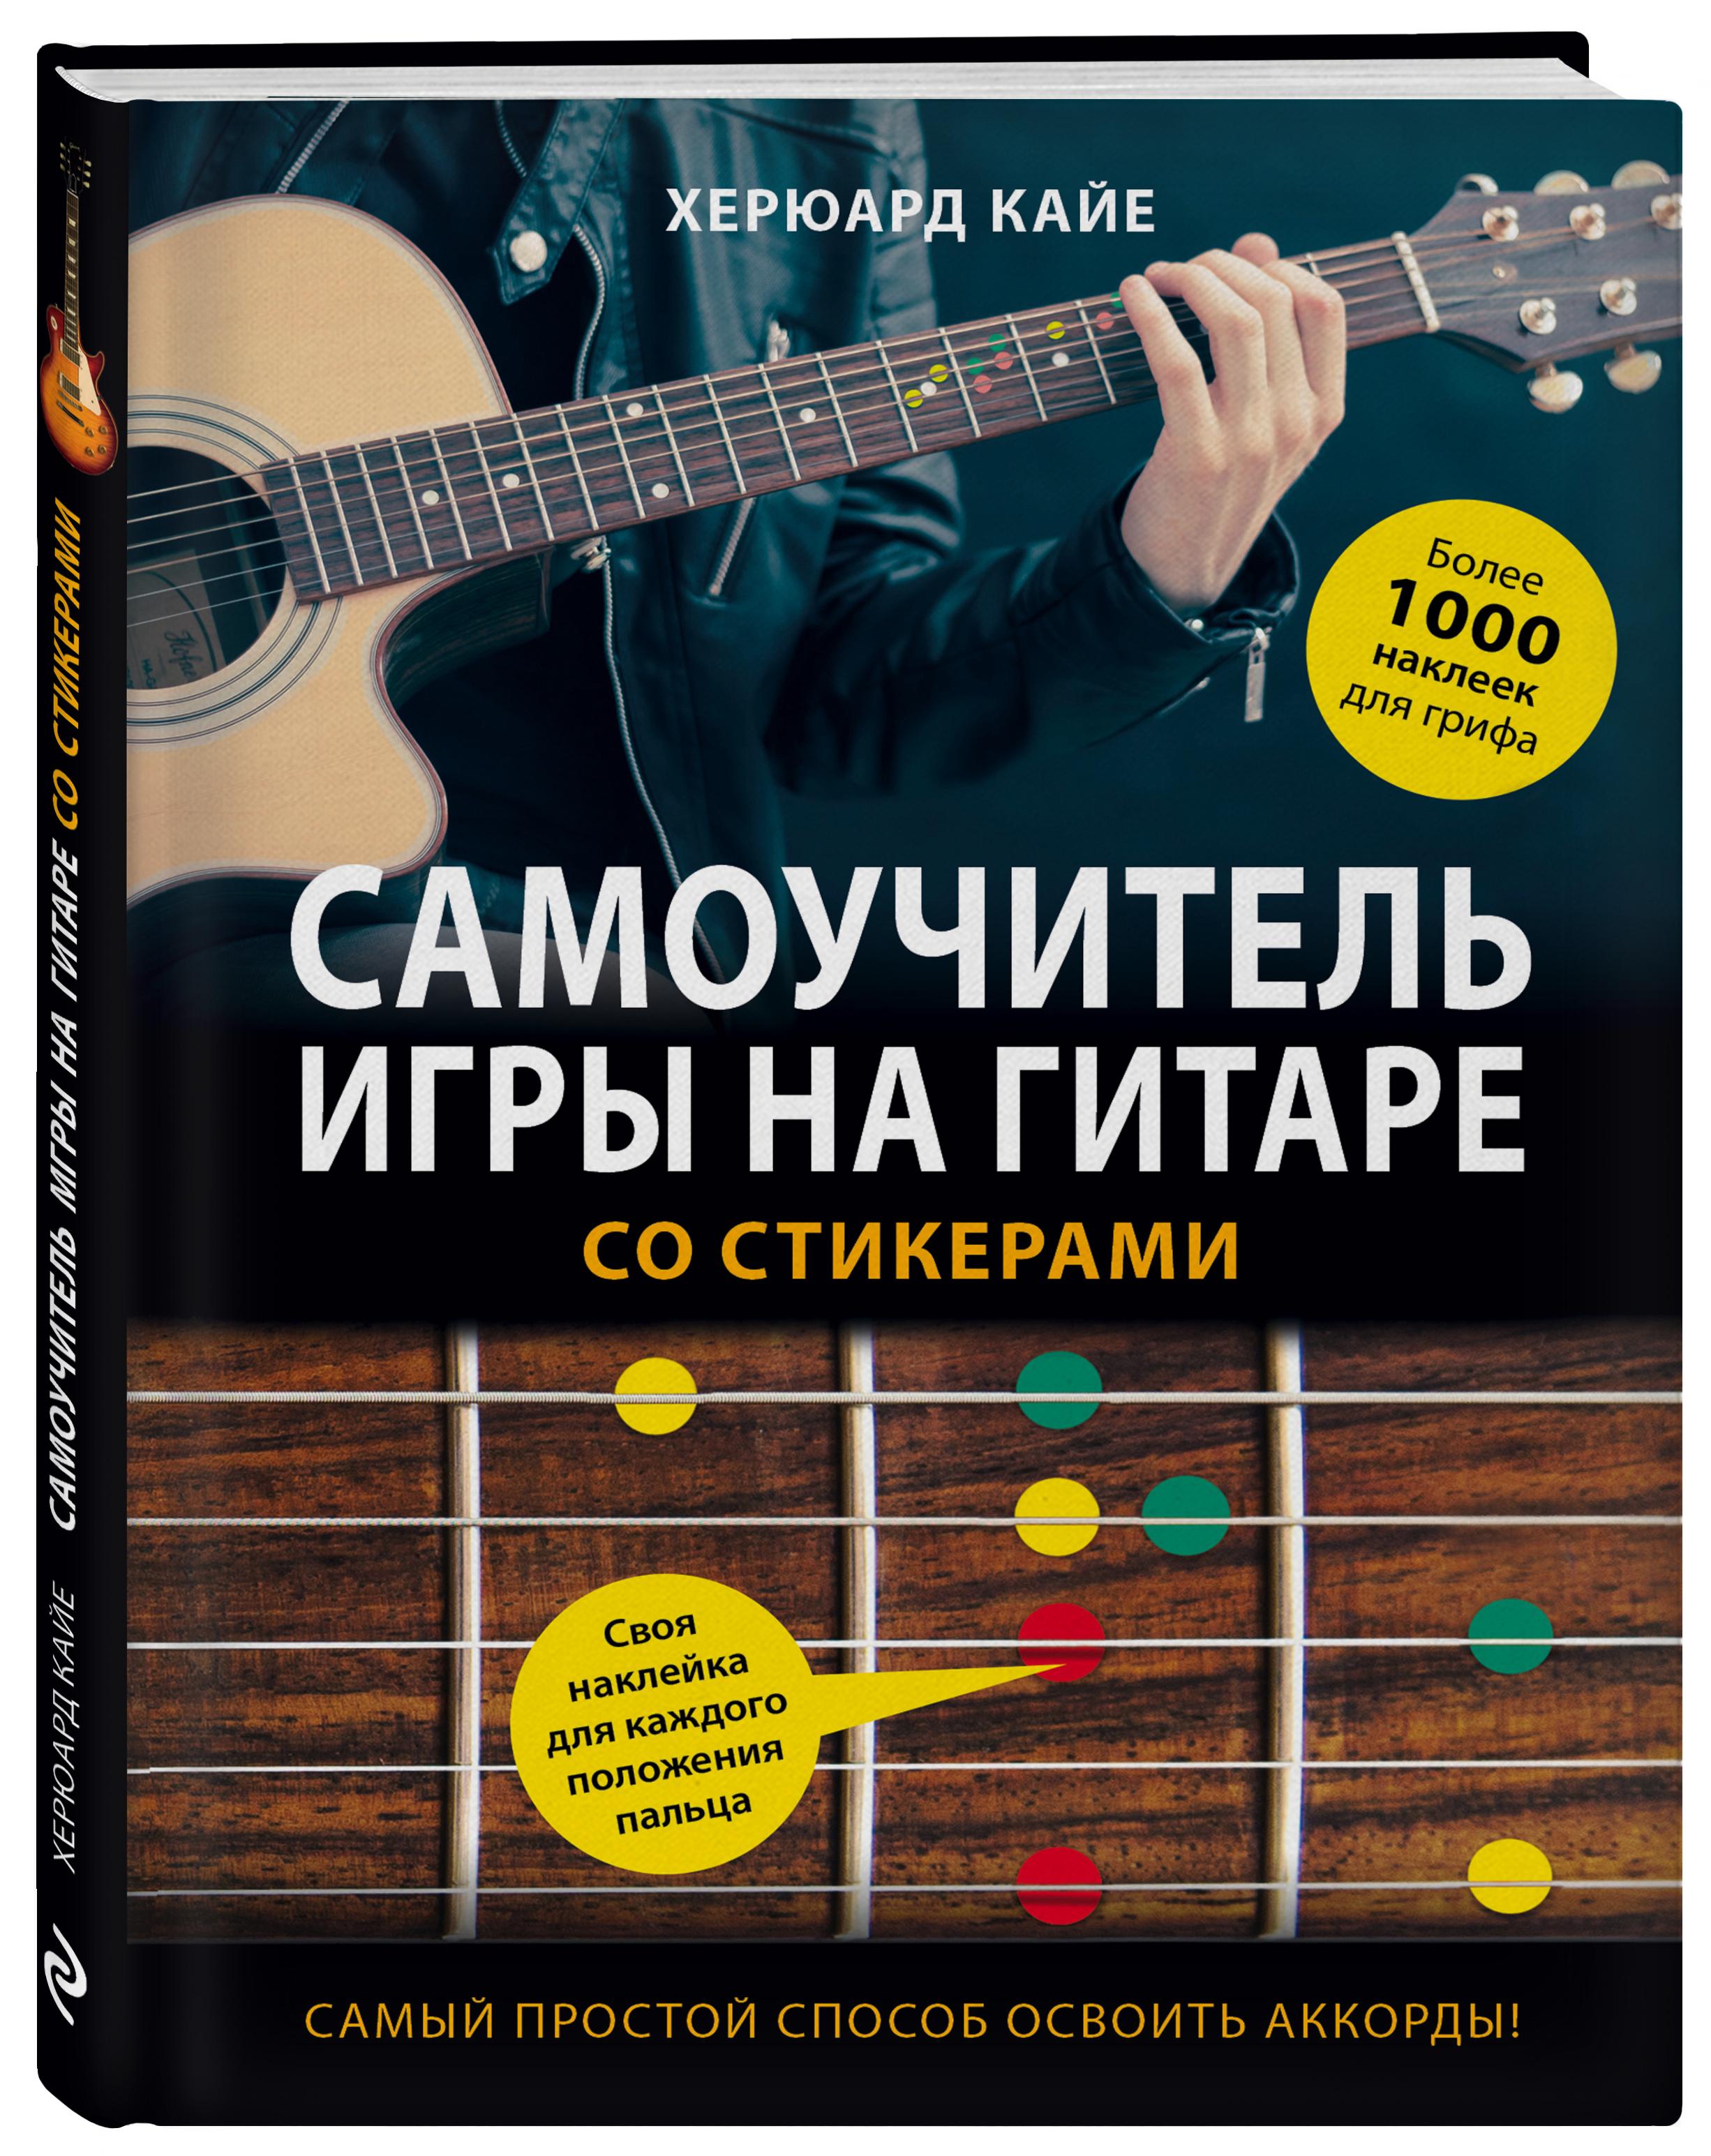 Самоучитель игры на гитаре со стикерами ISBN: 978-5-04-090172-2 чавычалов а уроки игры на гитаре полный курс обучения издание второе